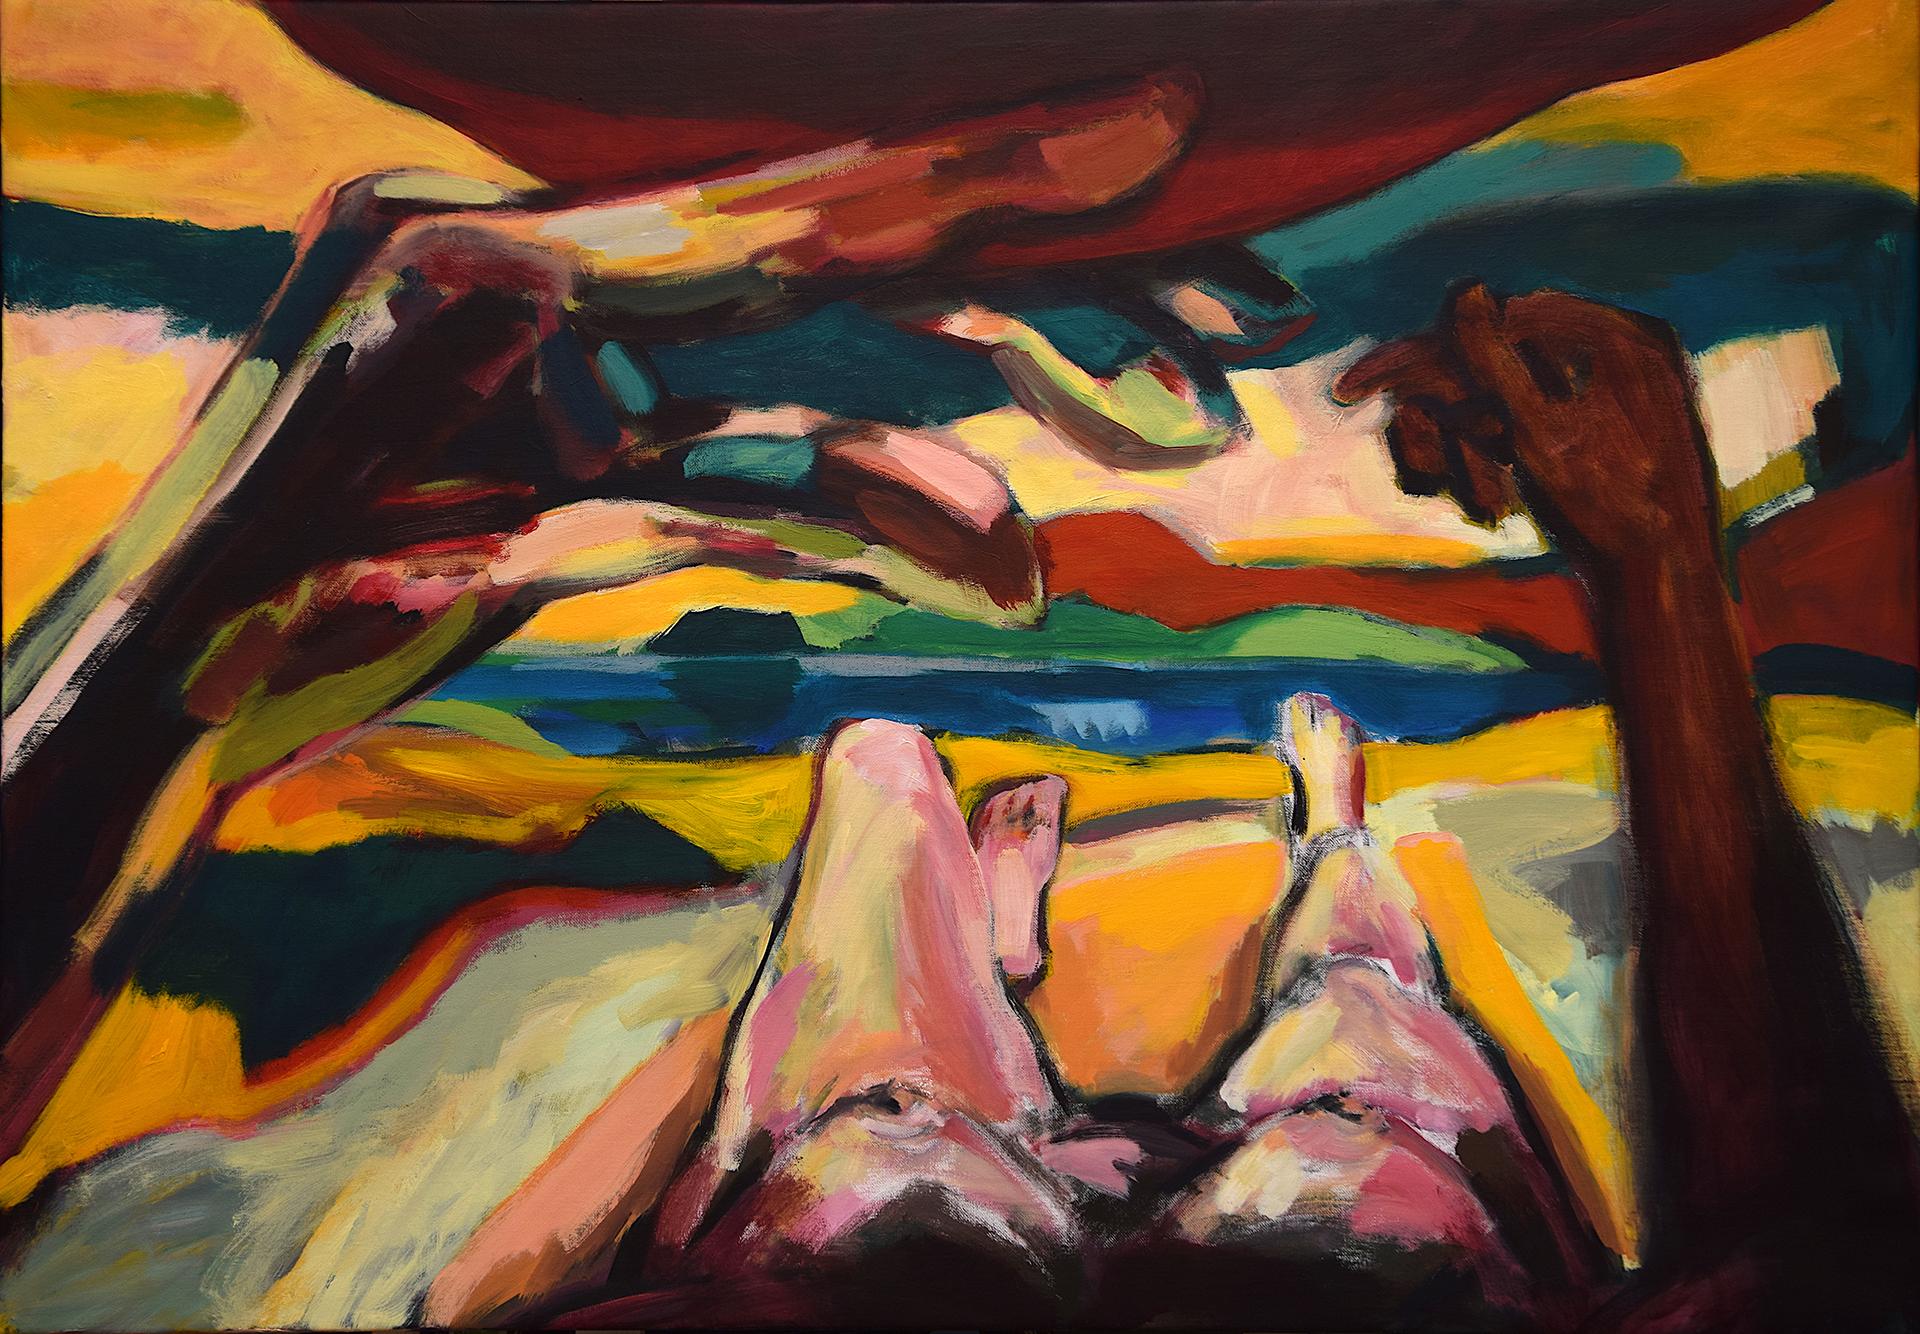 VON AUSSEN II, Acryl auf Leinwand, 90 x 130 cm, 2021